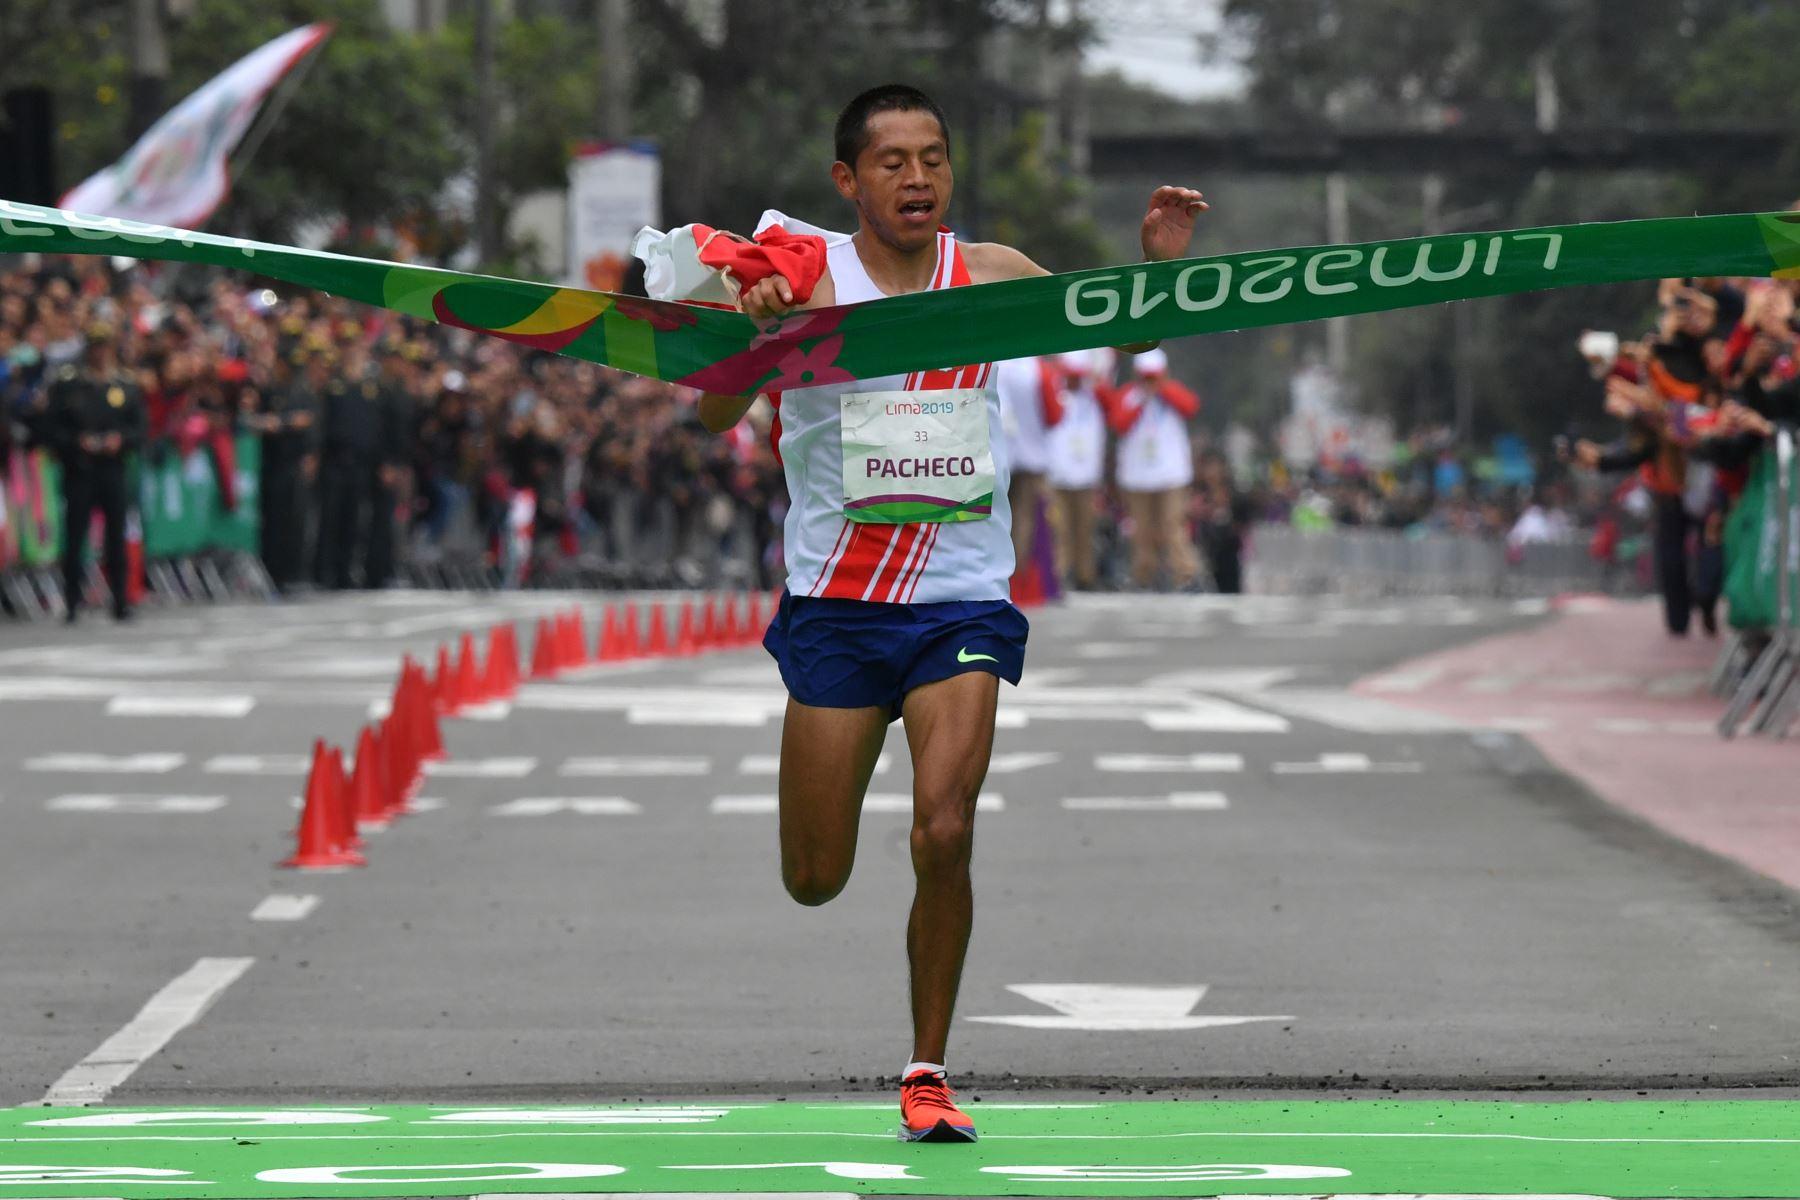 Pacheco ganó la medalla de oro en maratón. Foto: AFP.